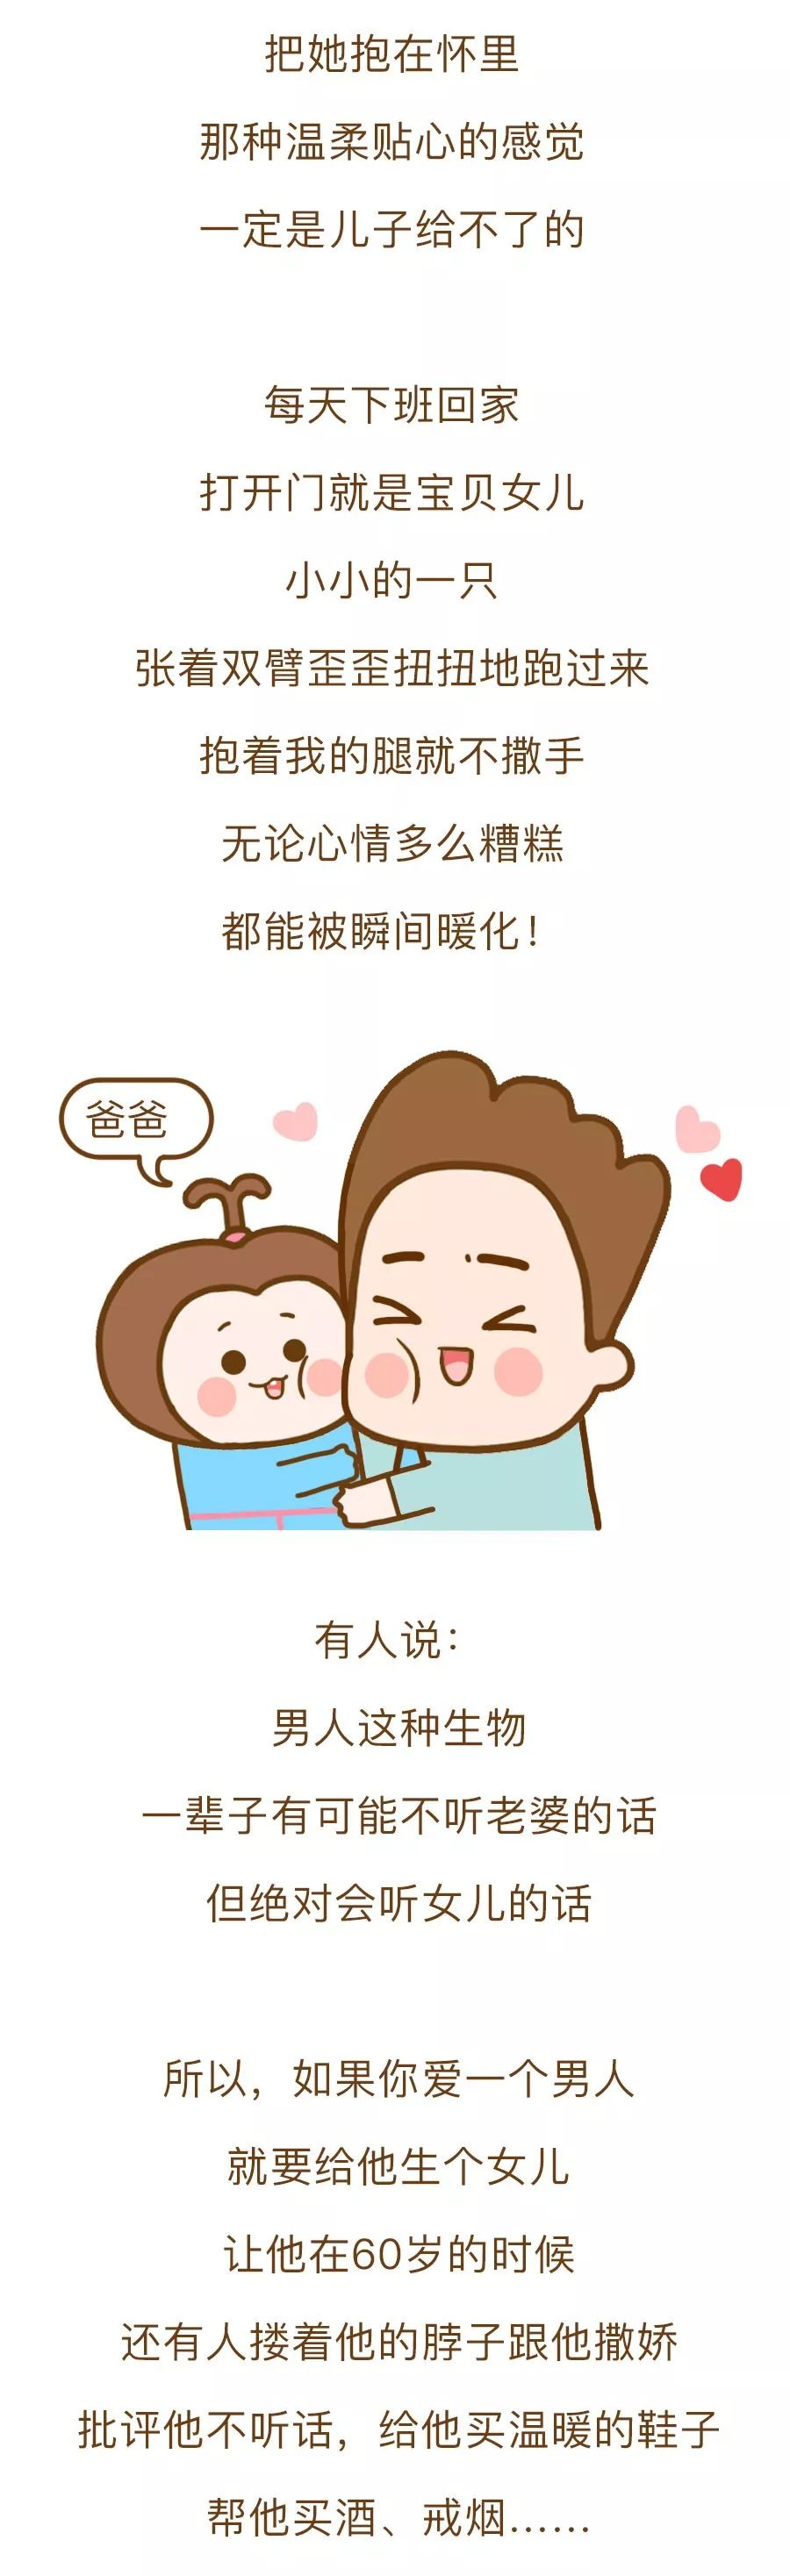 """乌镇峰会20日开幕 新增""""直通乌镇""""大赛"""